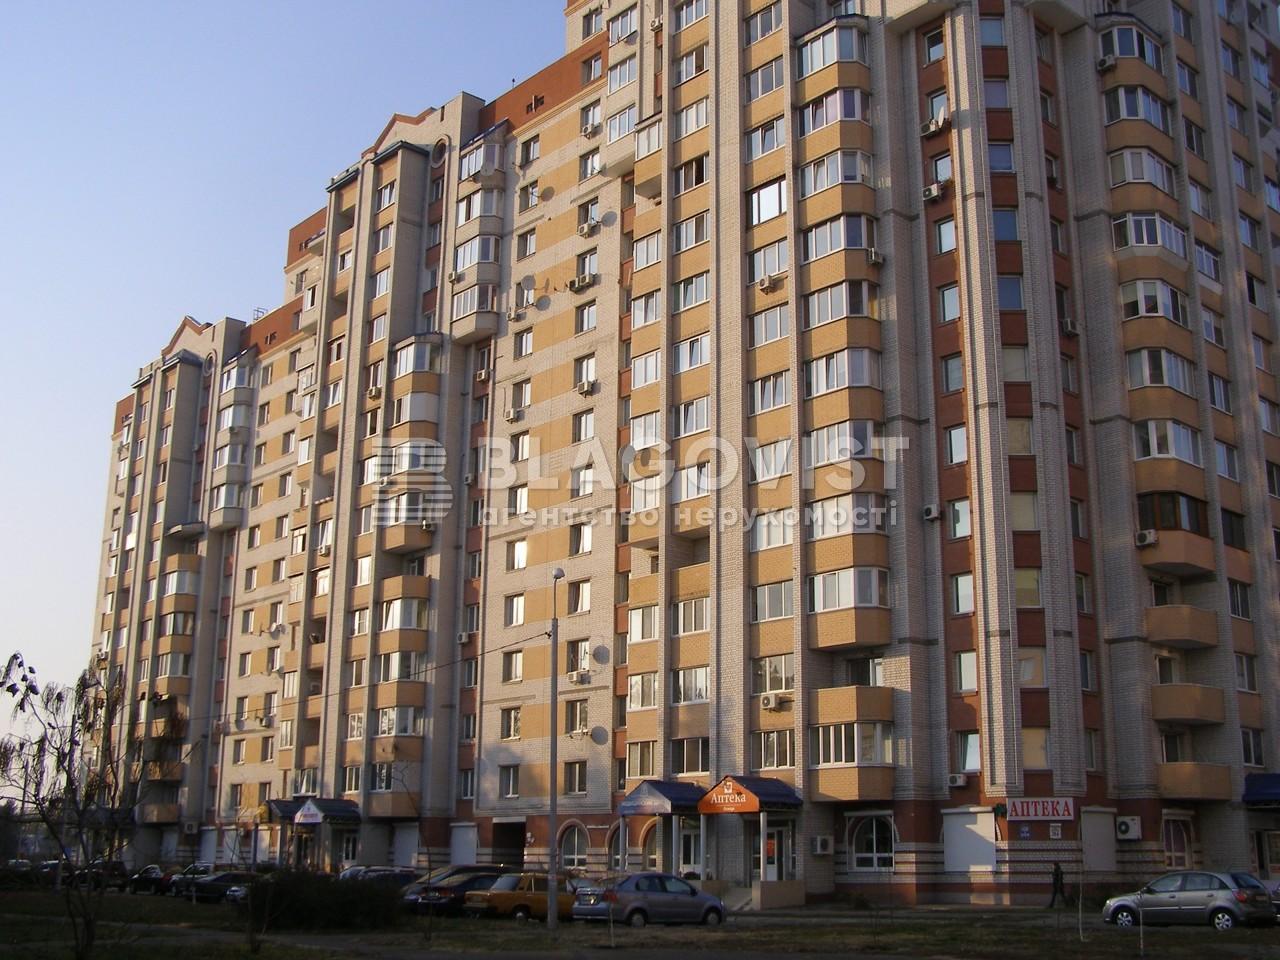 Салон краси, Z-1163350, Алма-Атинська, Київ - Фото 2